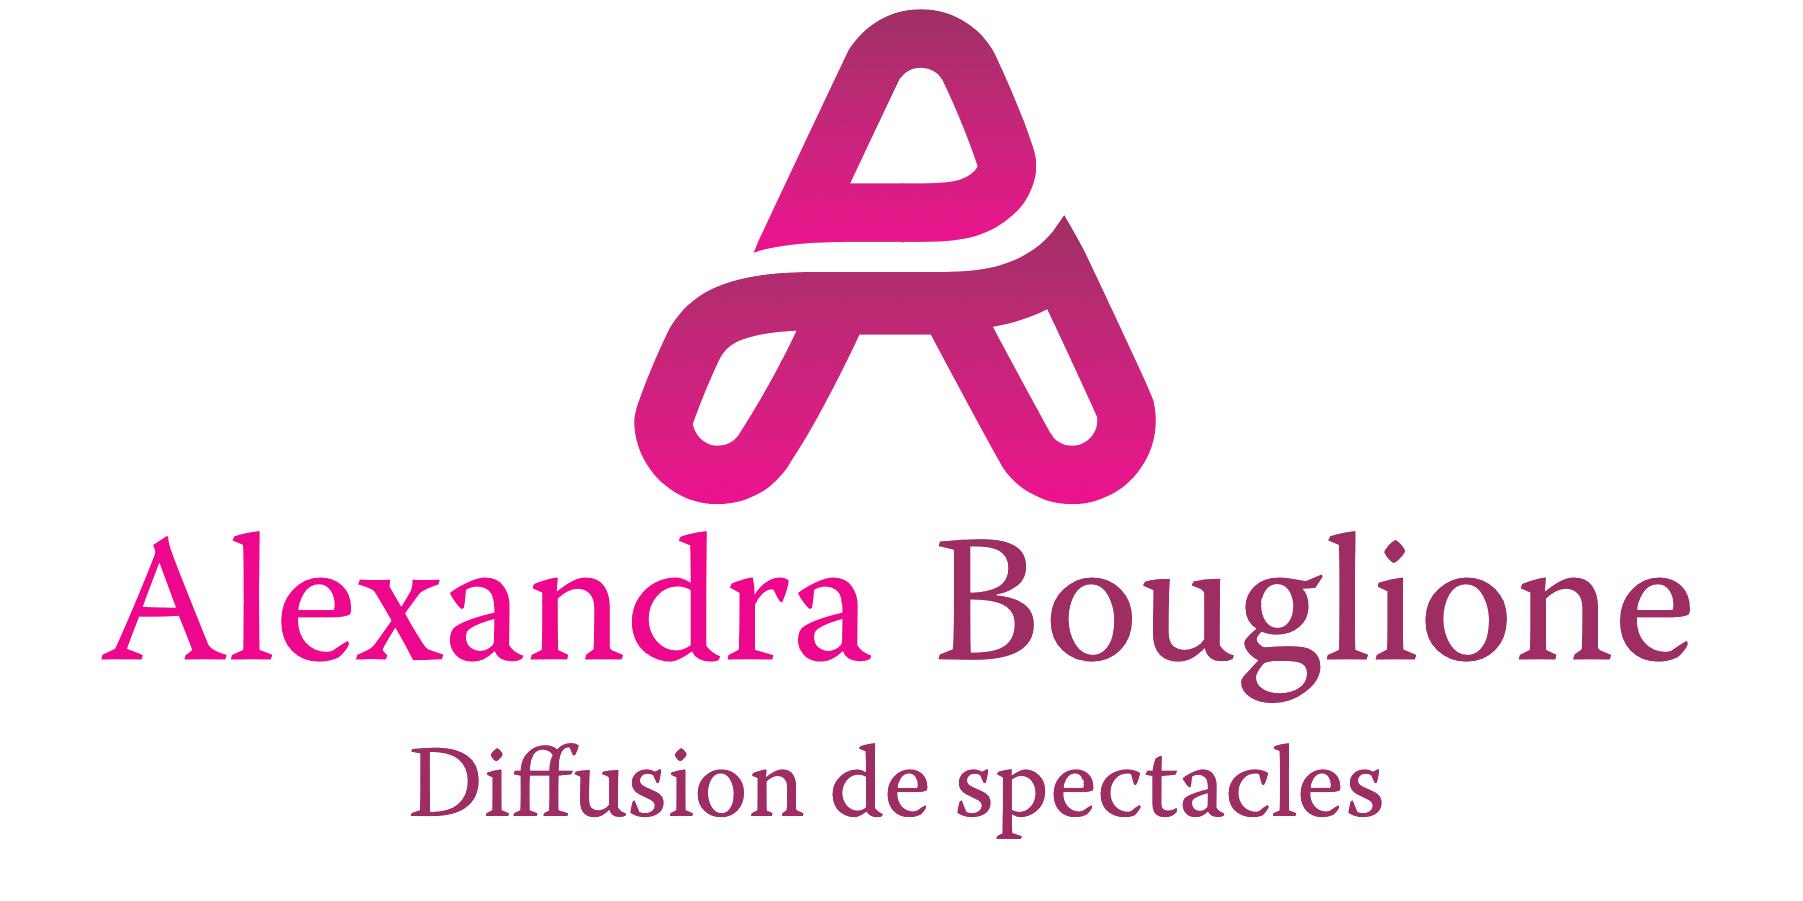 Alexandra Bouglione diffusion de spectacles